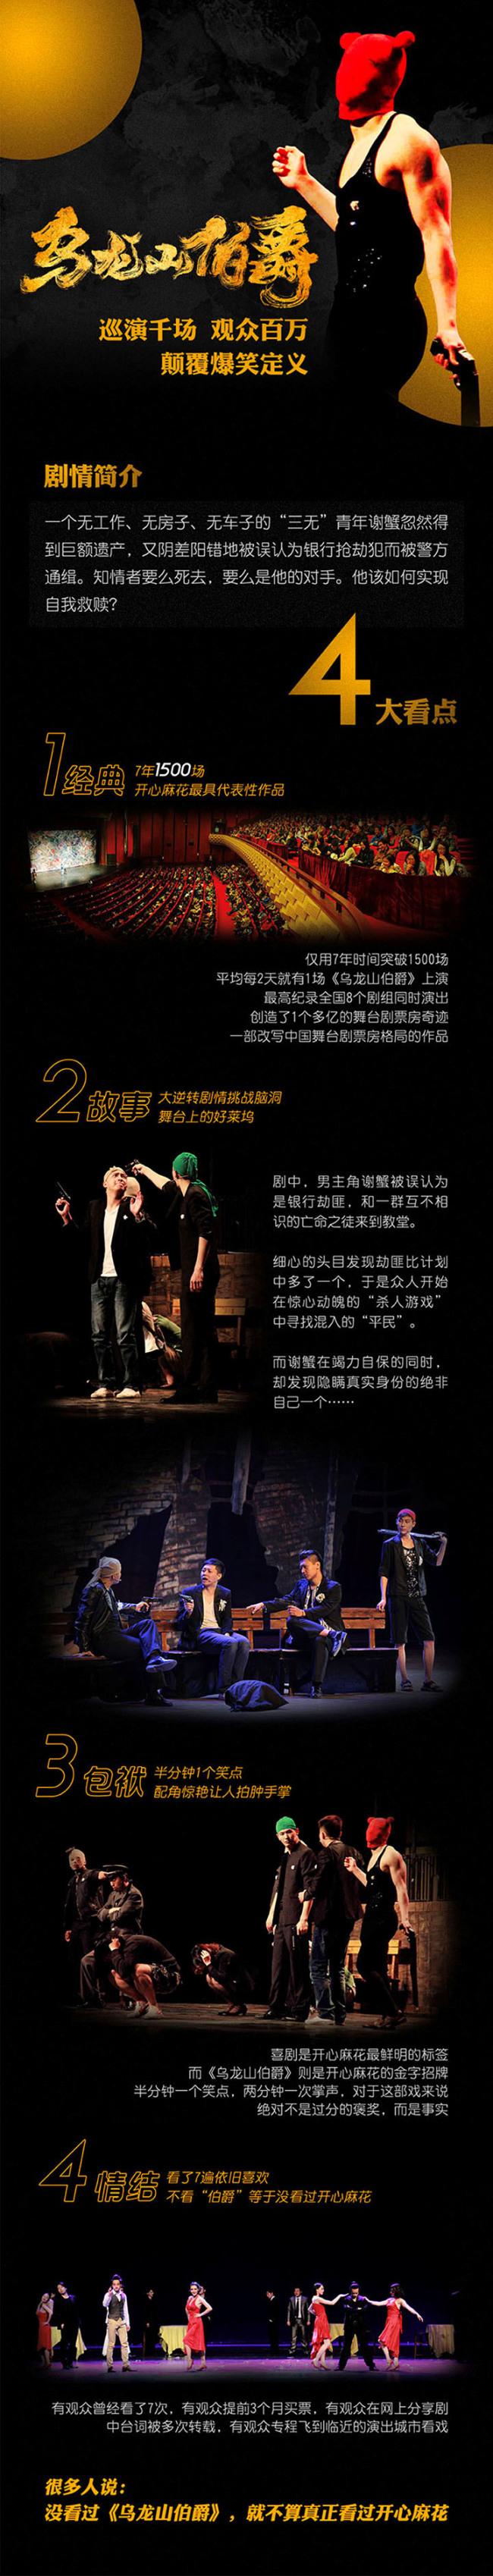 深圳开心麻花王牌喜剧《乌龙山伯爵》演出时间、地点及购票入口